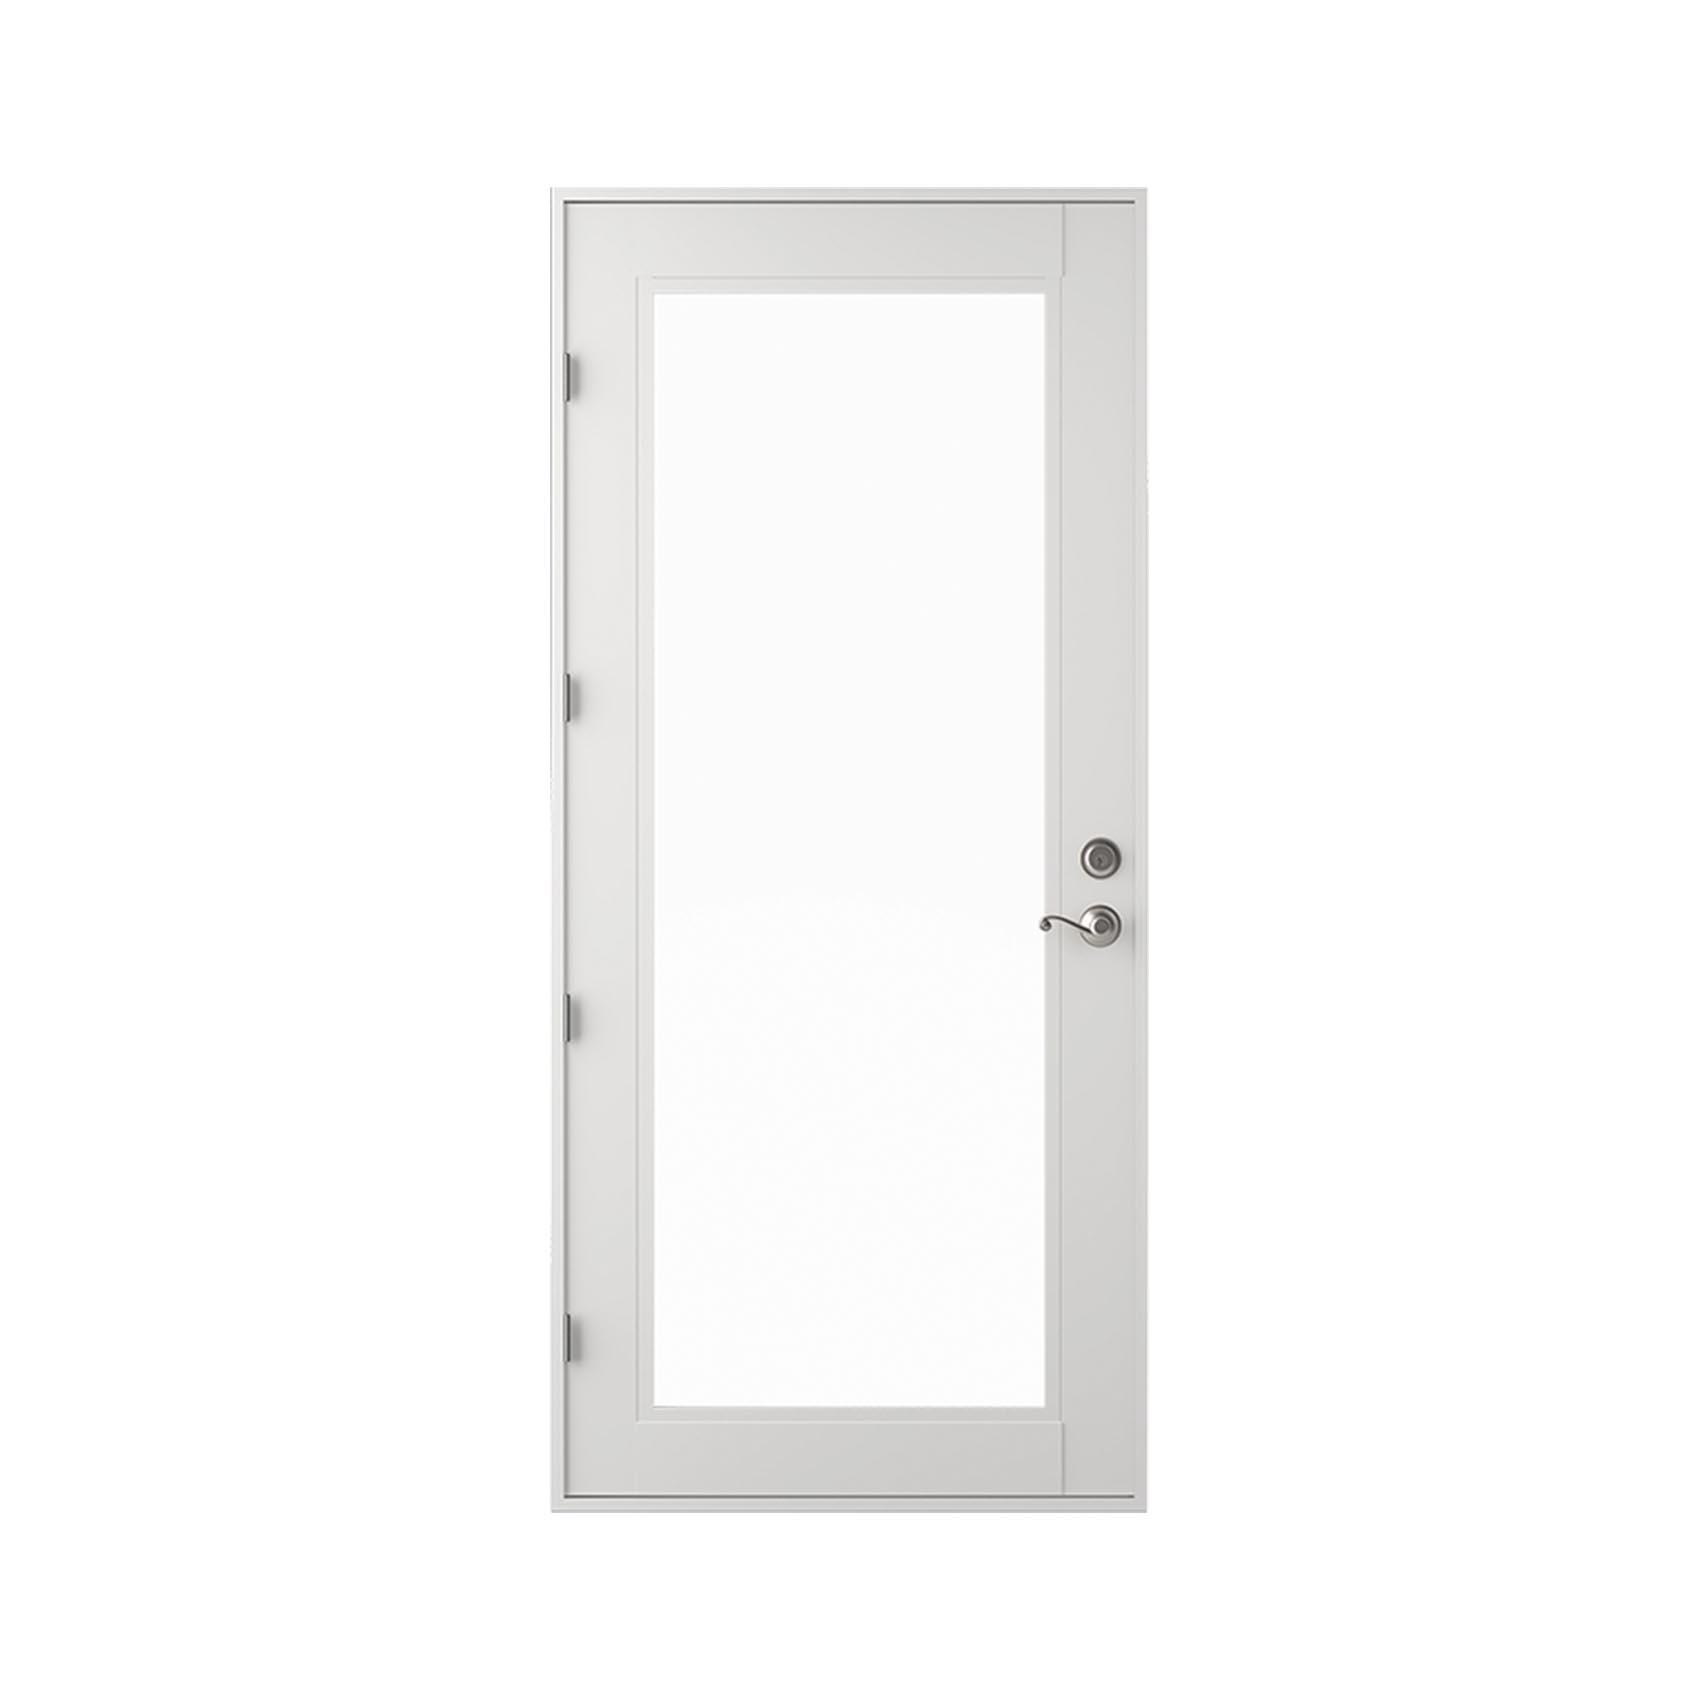 Hurricane French Door